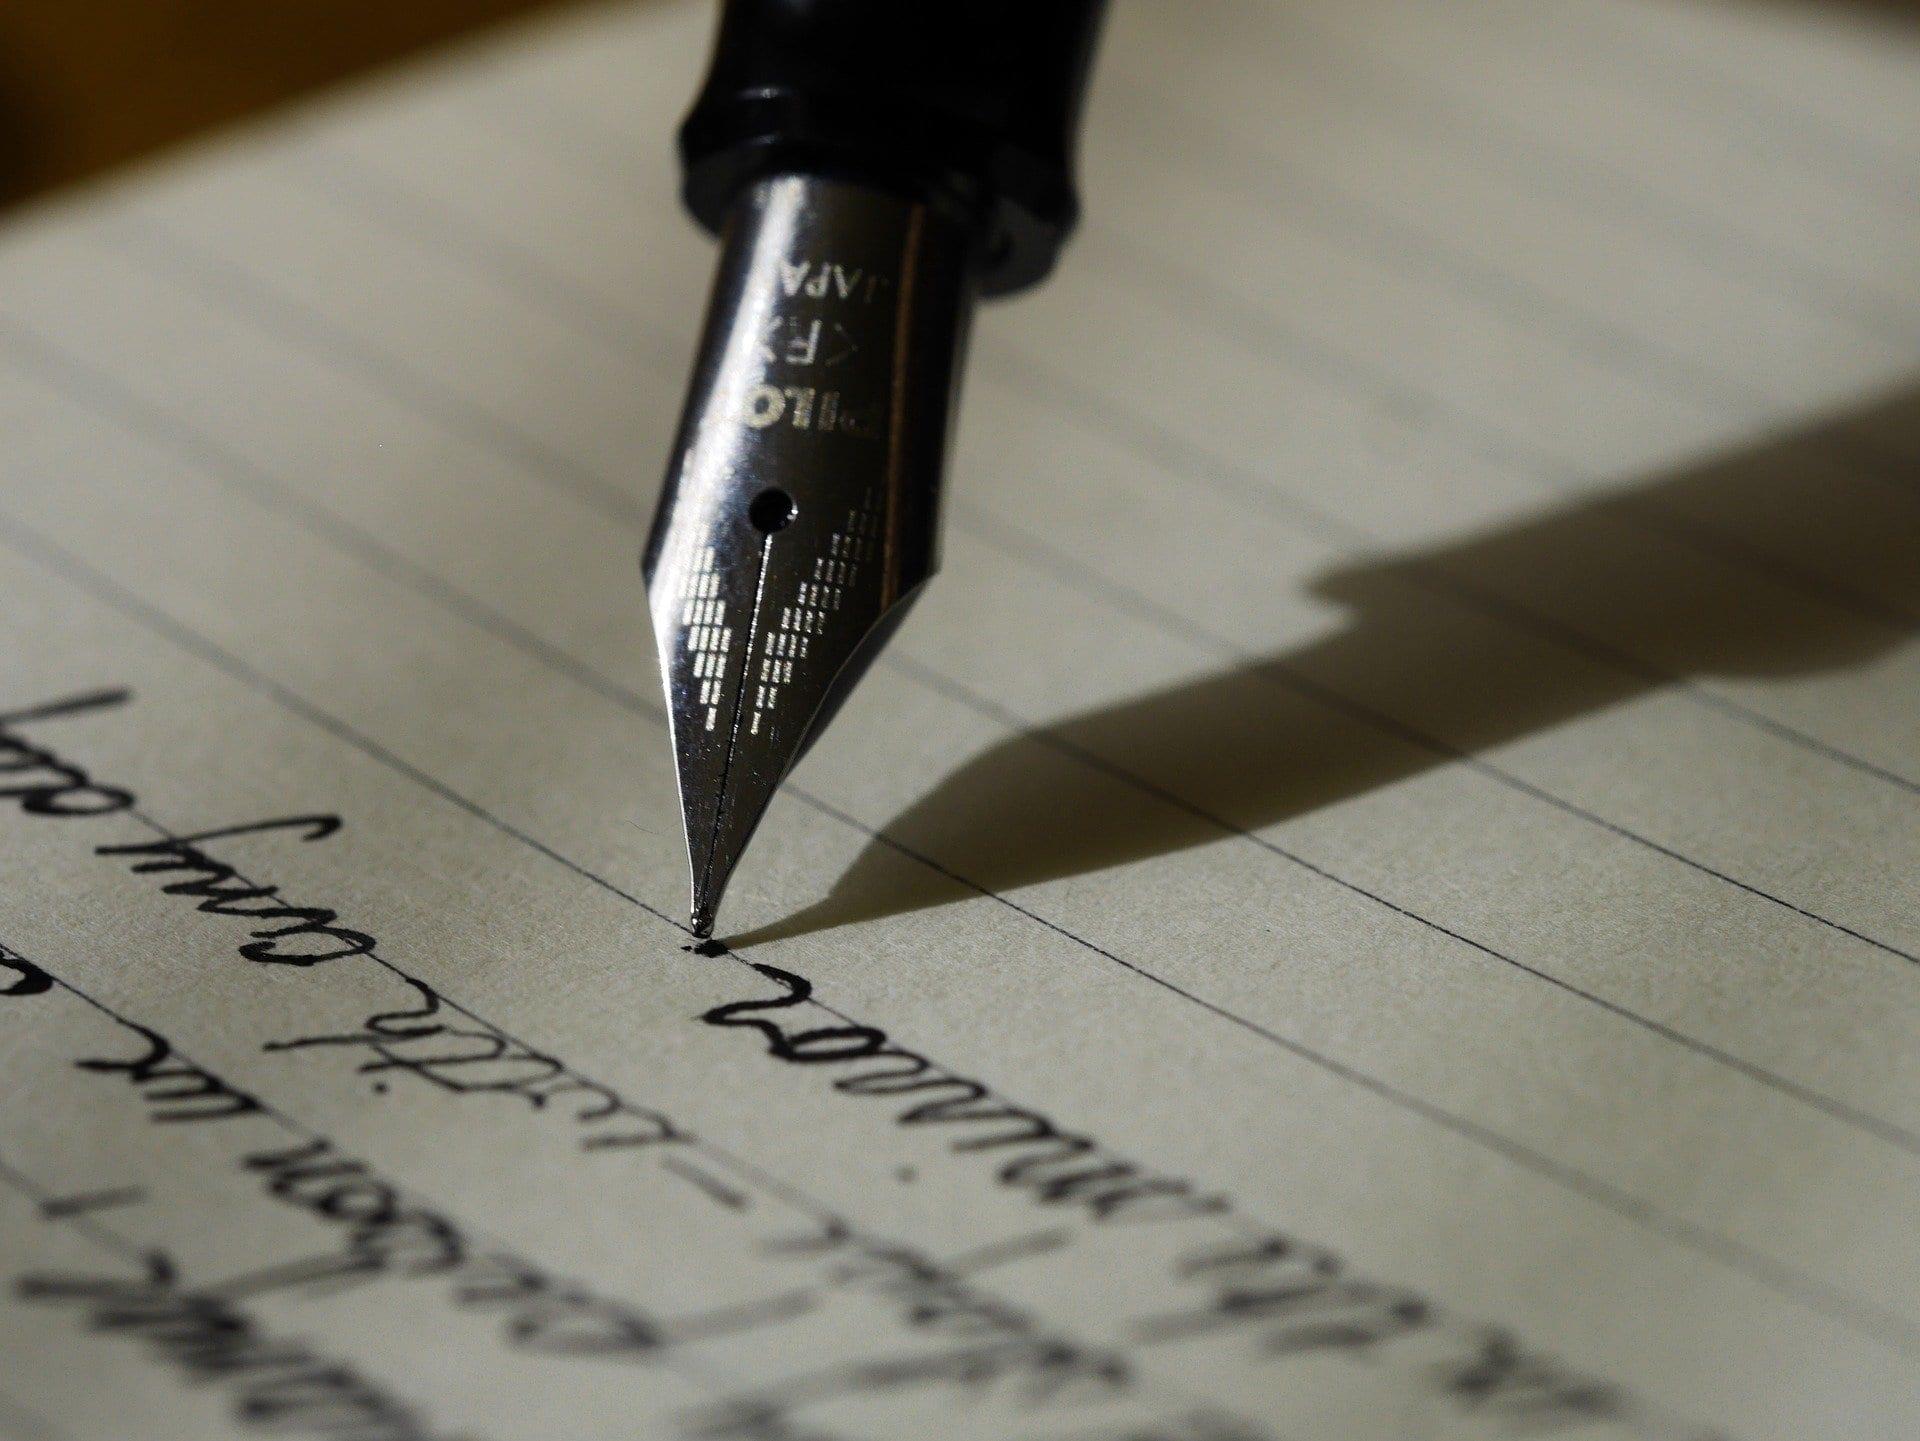 Schreiben Füllfederhalter Tinte - (c) Pixabay